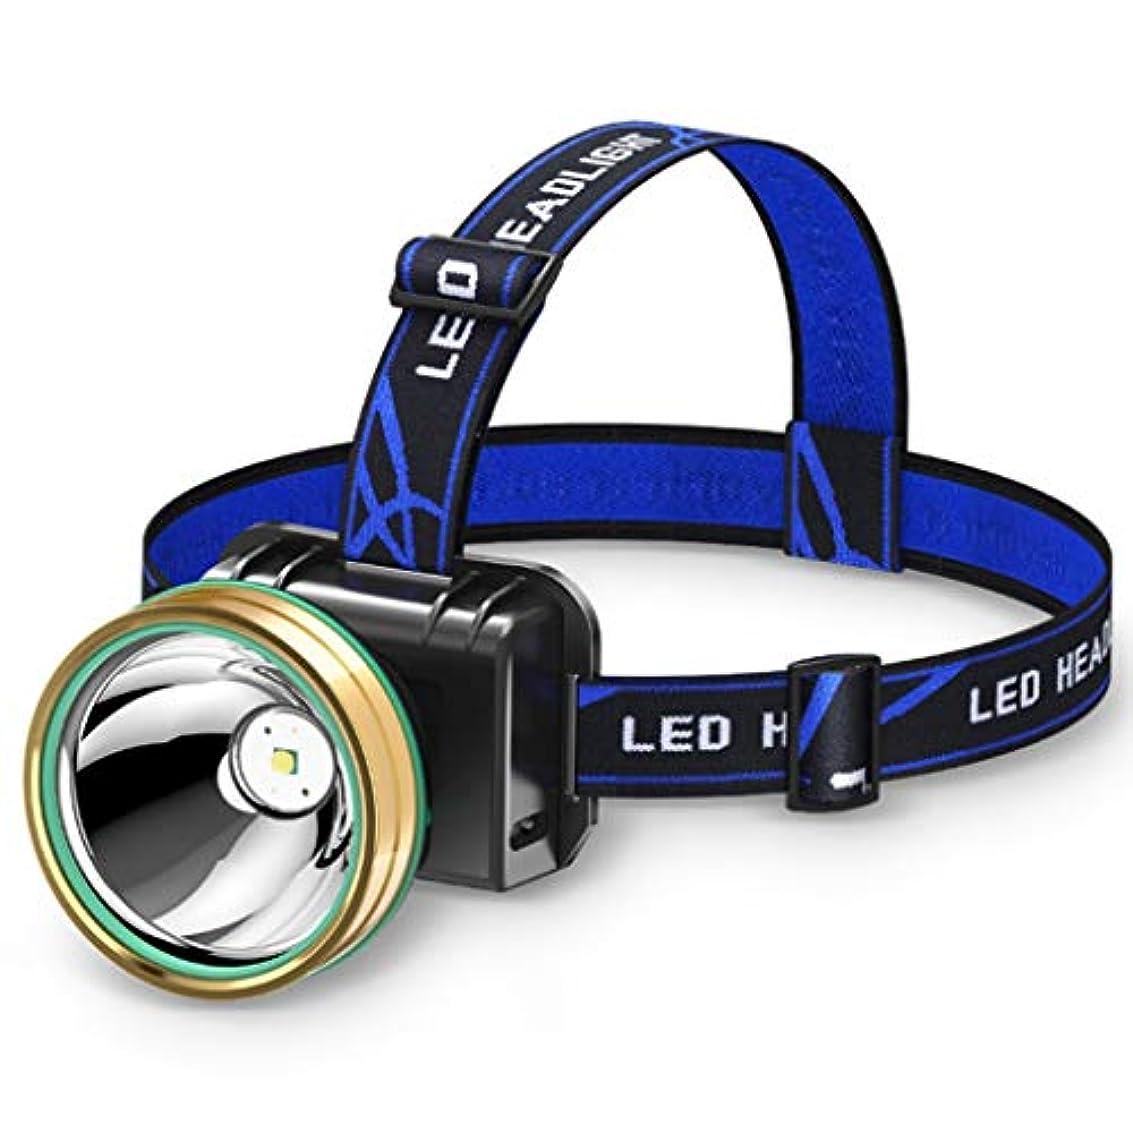 昇る自動化クリップ蝶ヘッドライト LEDヘッドライトグレア充電式防水誘導ヘッドセット懐中電灯スーパーブライト(ランニング、キャンプ、釣り、ハイキング) LEDヘッドライト